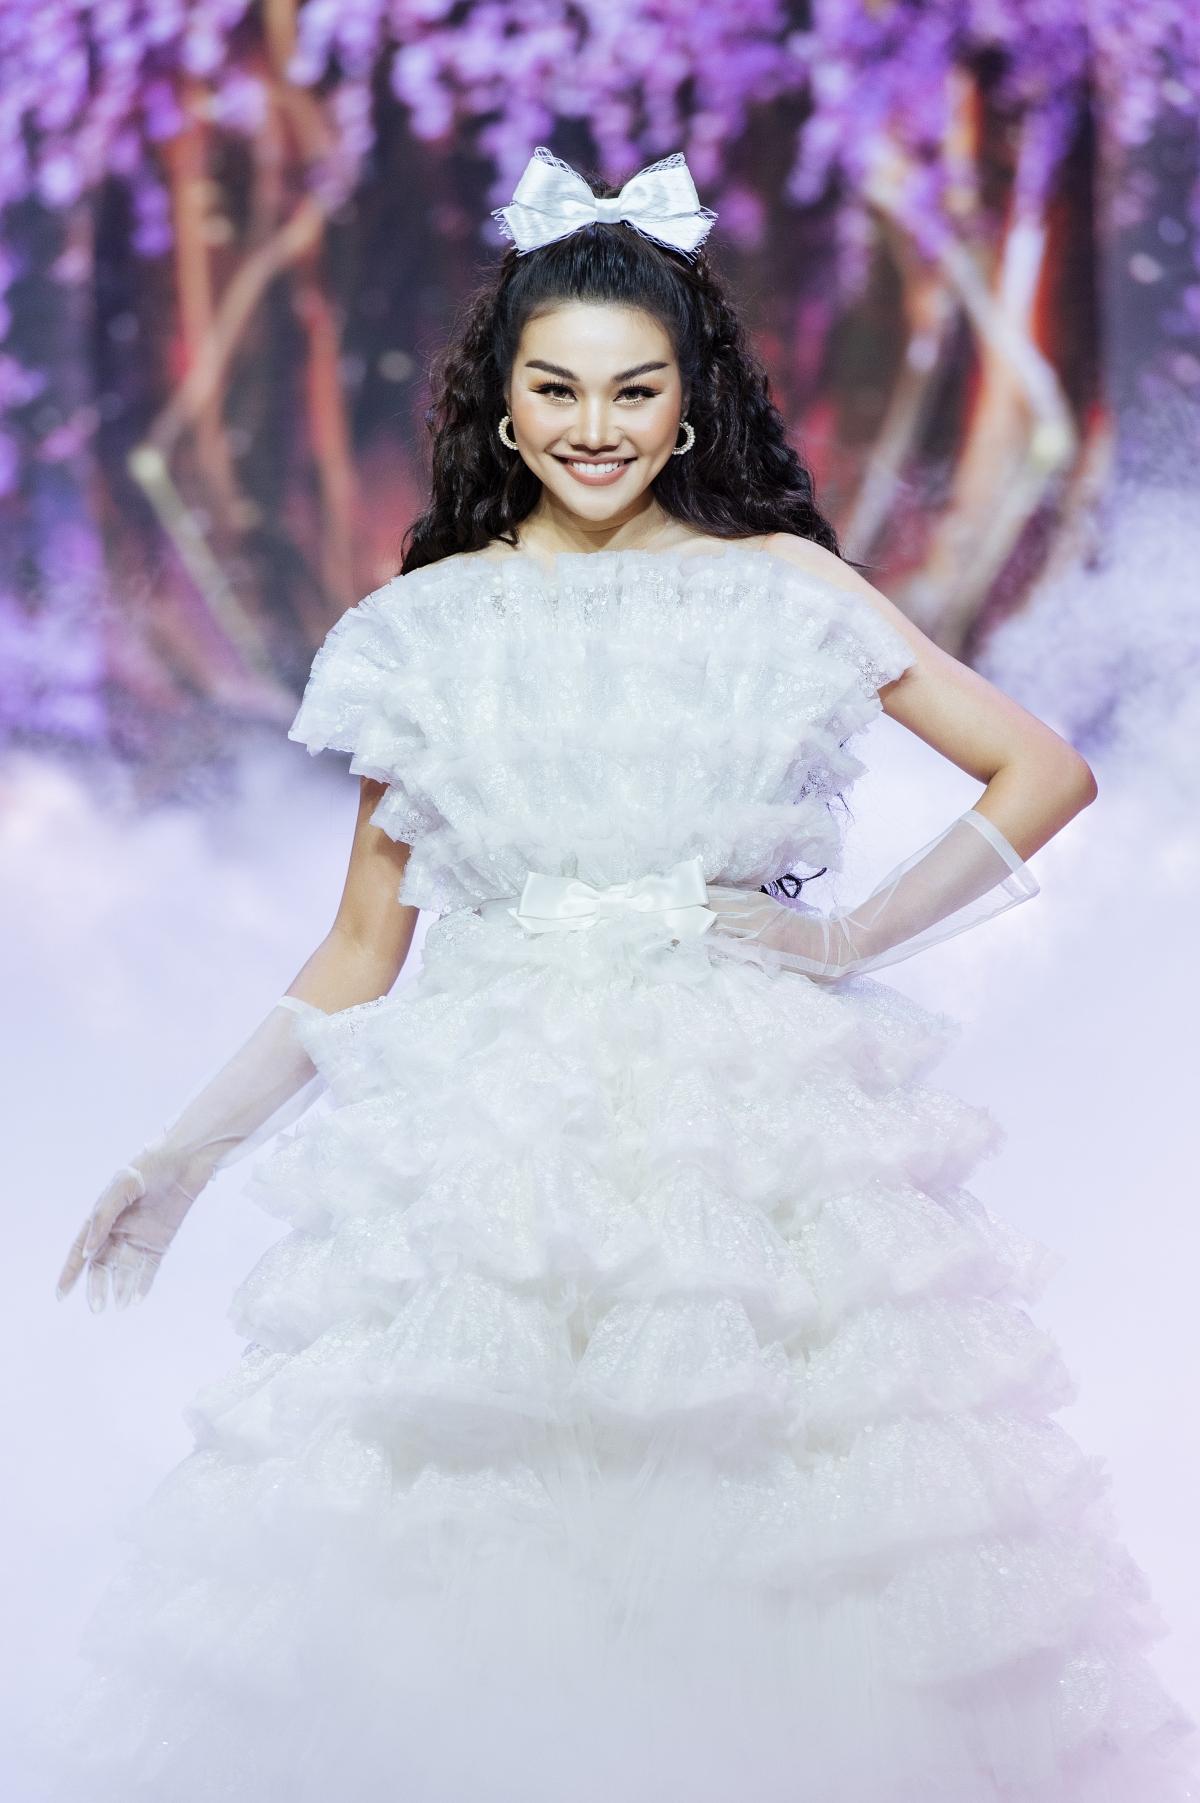 Đầm trắng được may từ 1.000 m vải trong 1 tháng và nặng15 kg.